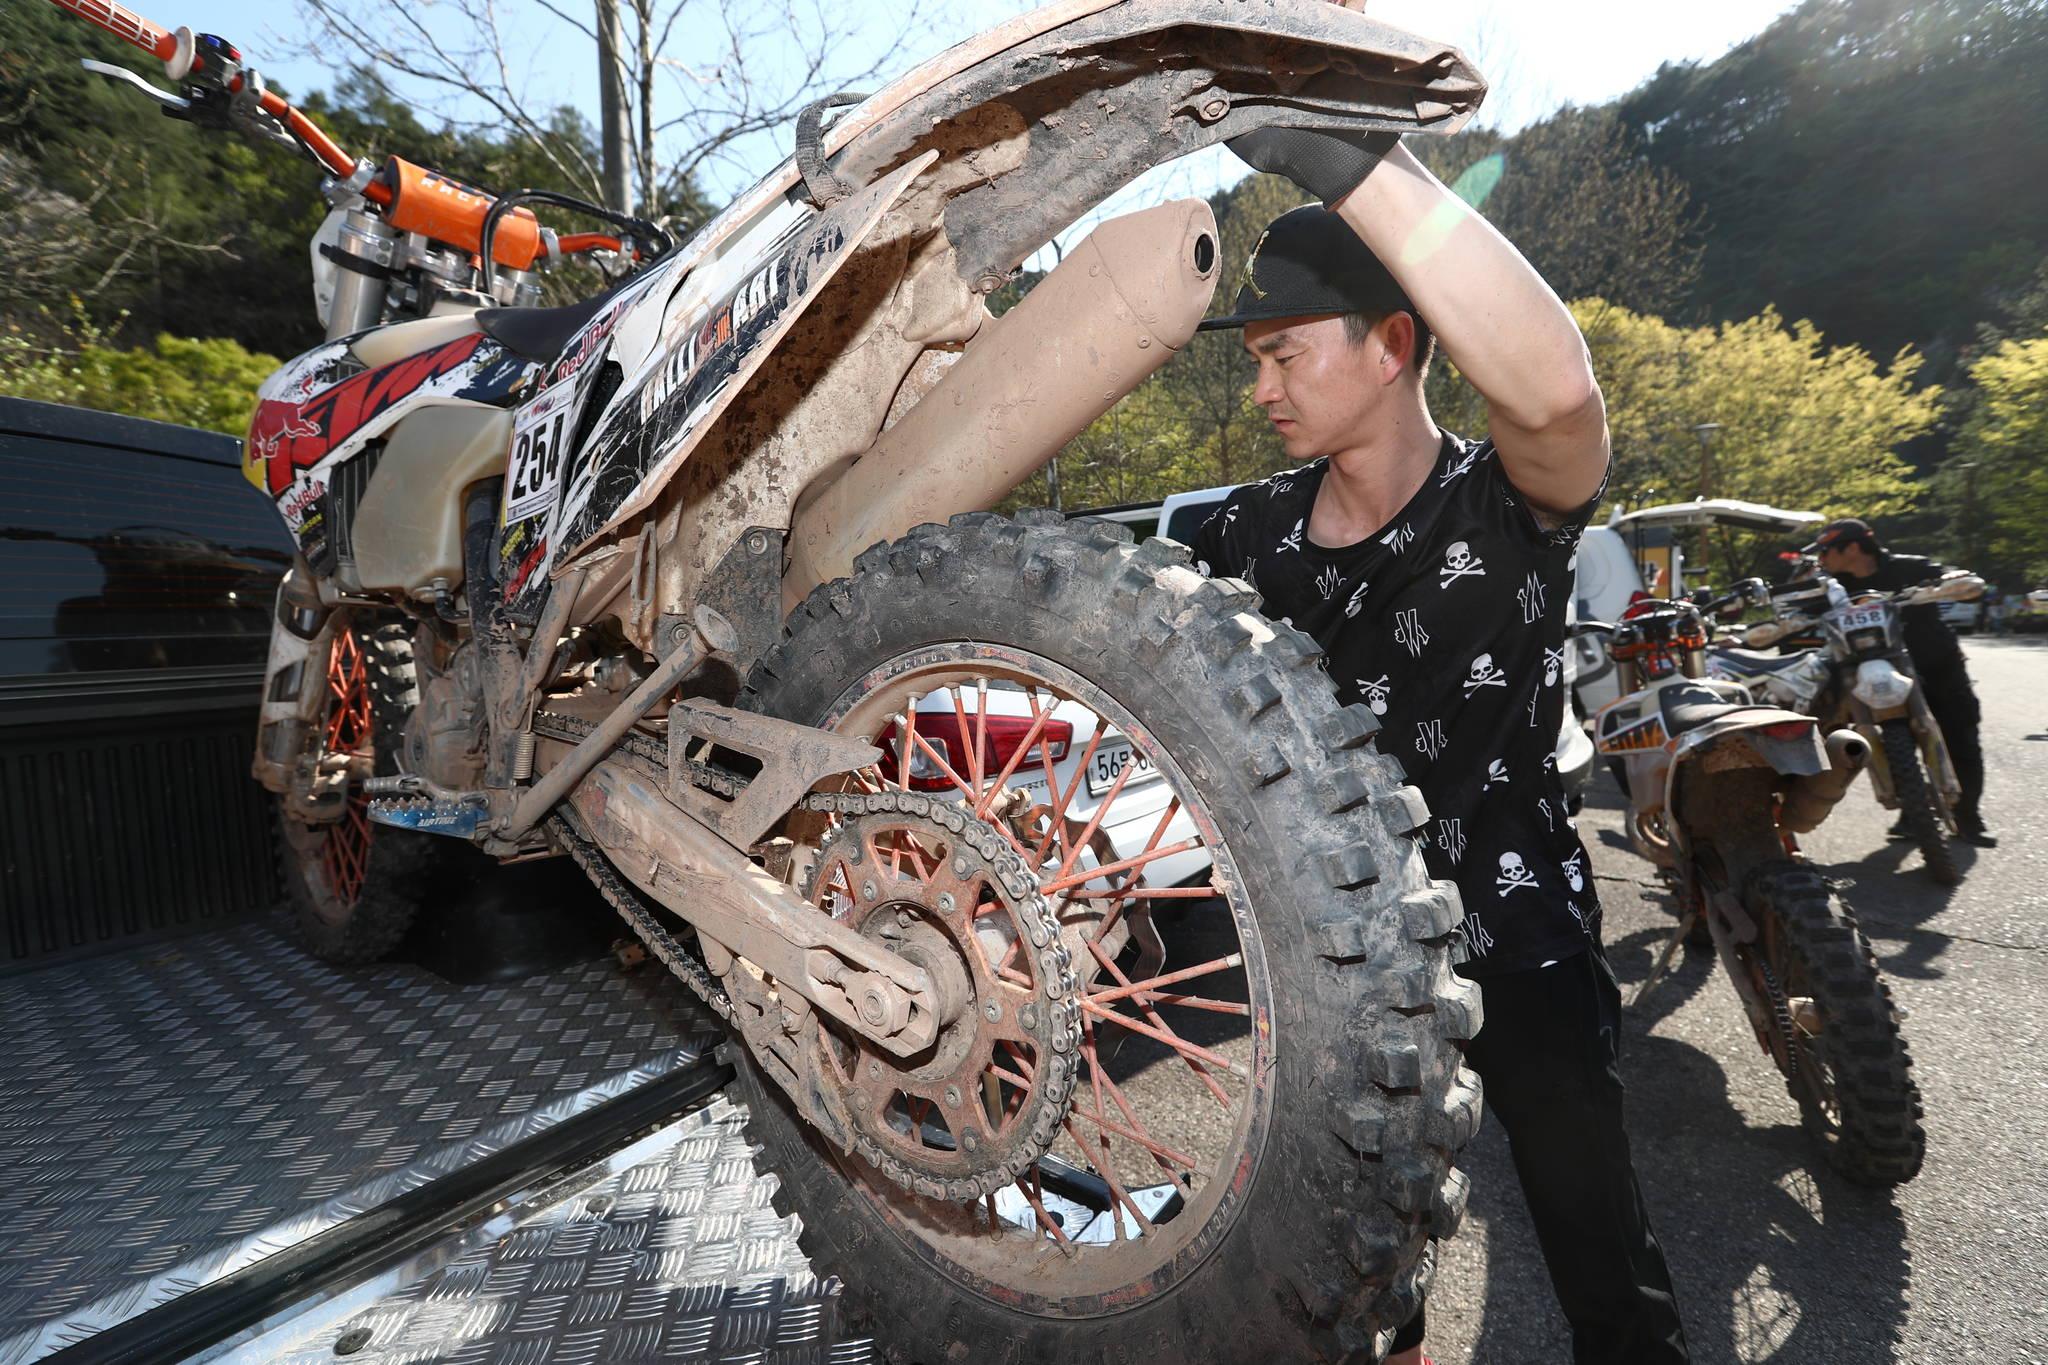 일반 공도를 달릴 수 없는 엔듀로 바이크는 트럭이나 전용 트레일러에 실려 운반된다.